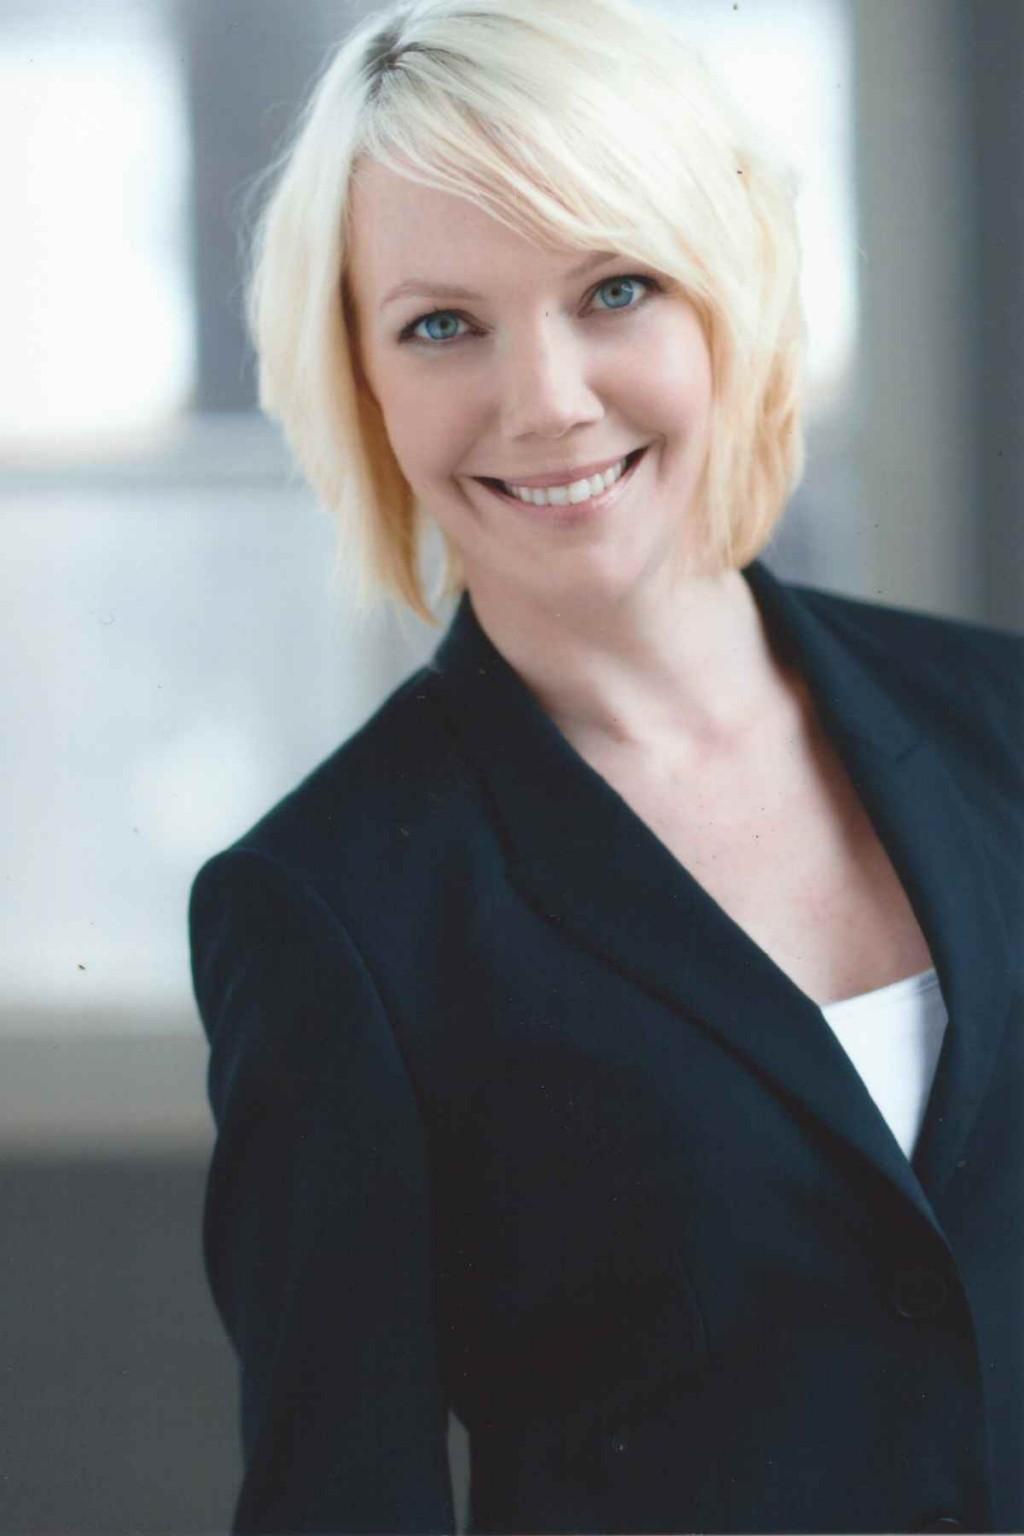 Angela Savidge